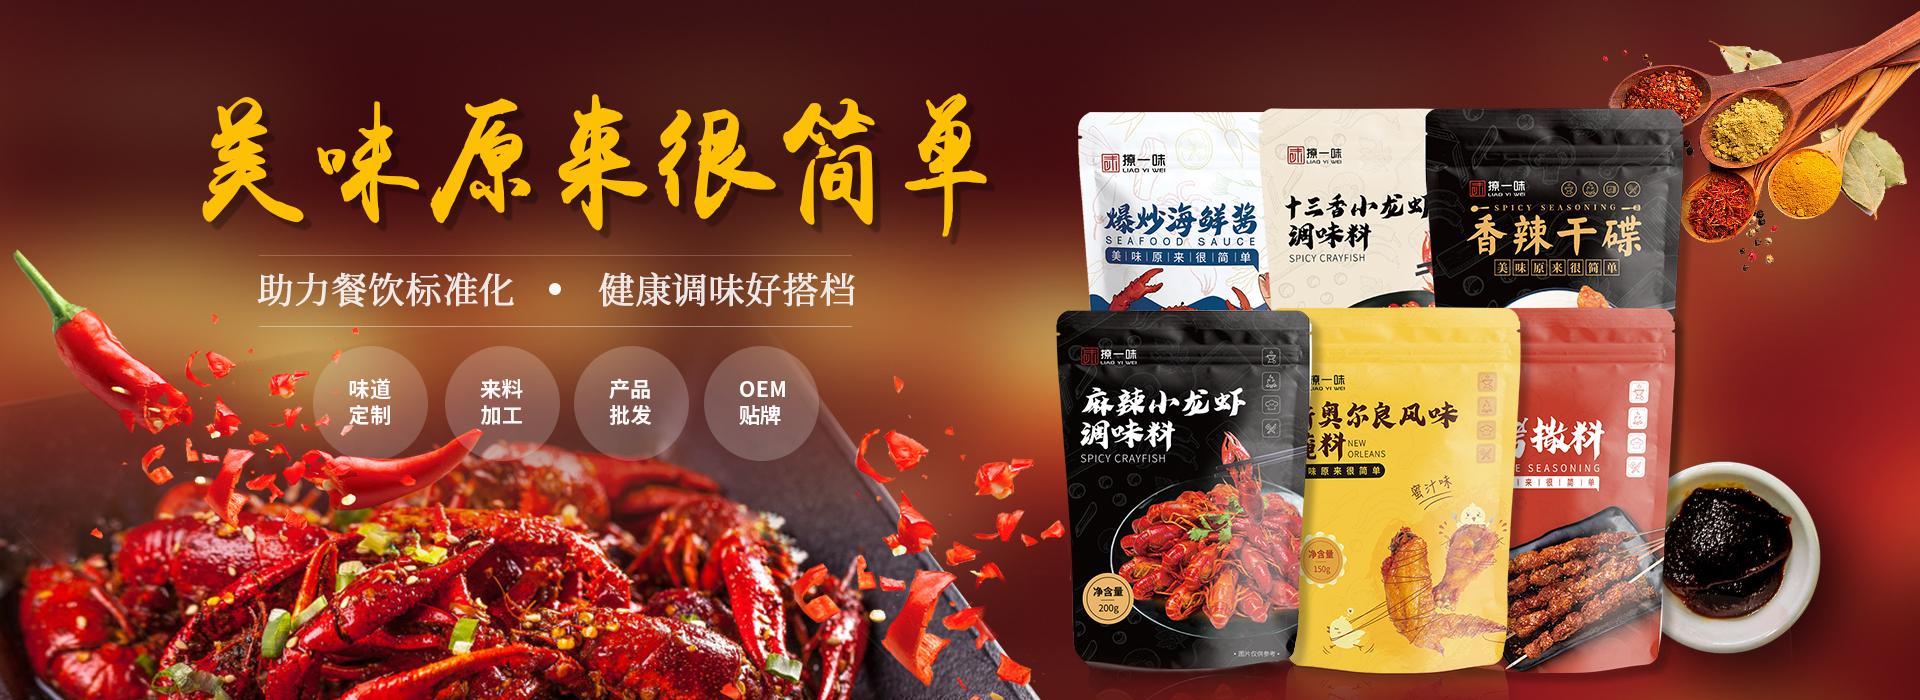 酱料调味料生产厂家-青岛大丰食品